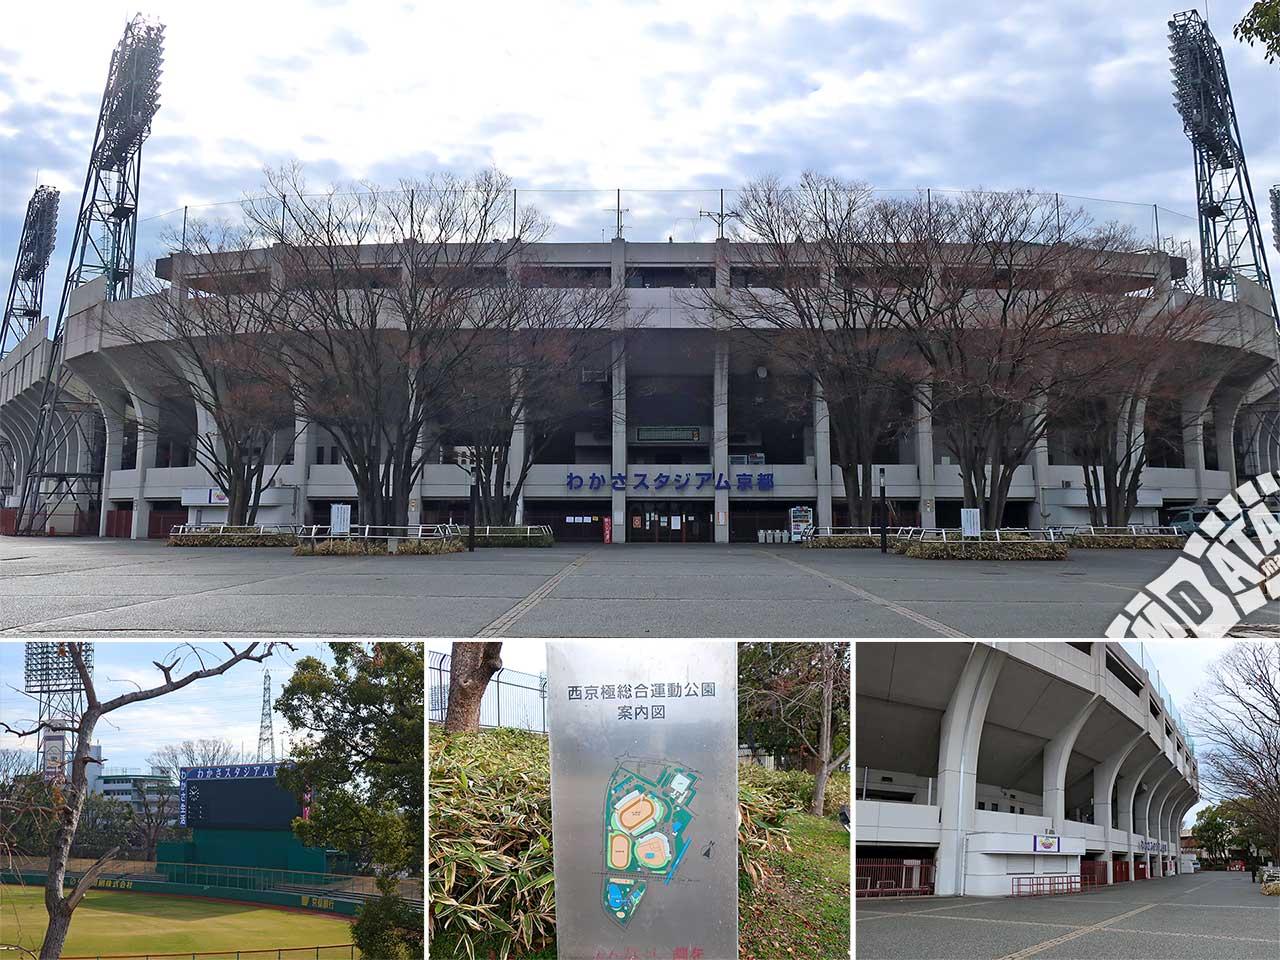 わかさスタジアム京都の写真 撮影日:2019/1/16 Photo taken on 2019/01/16